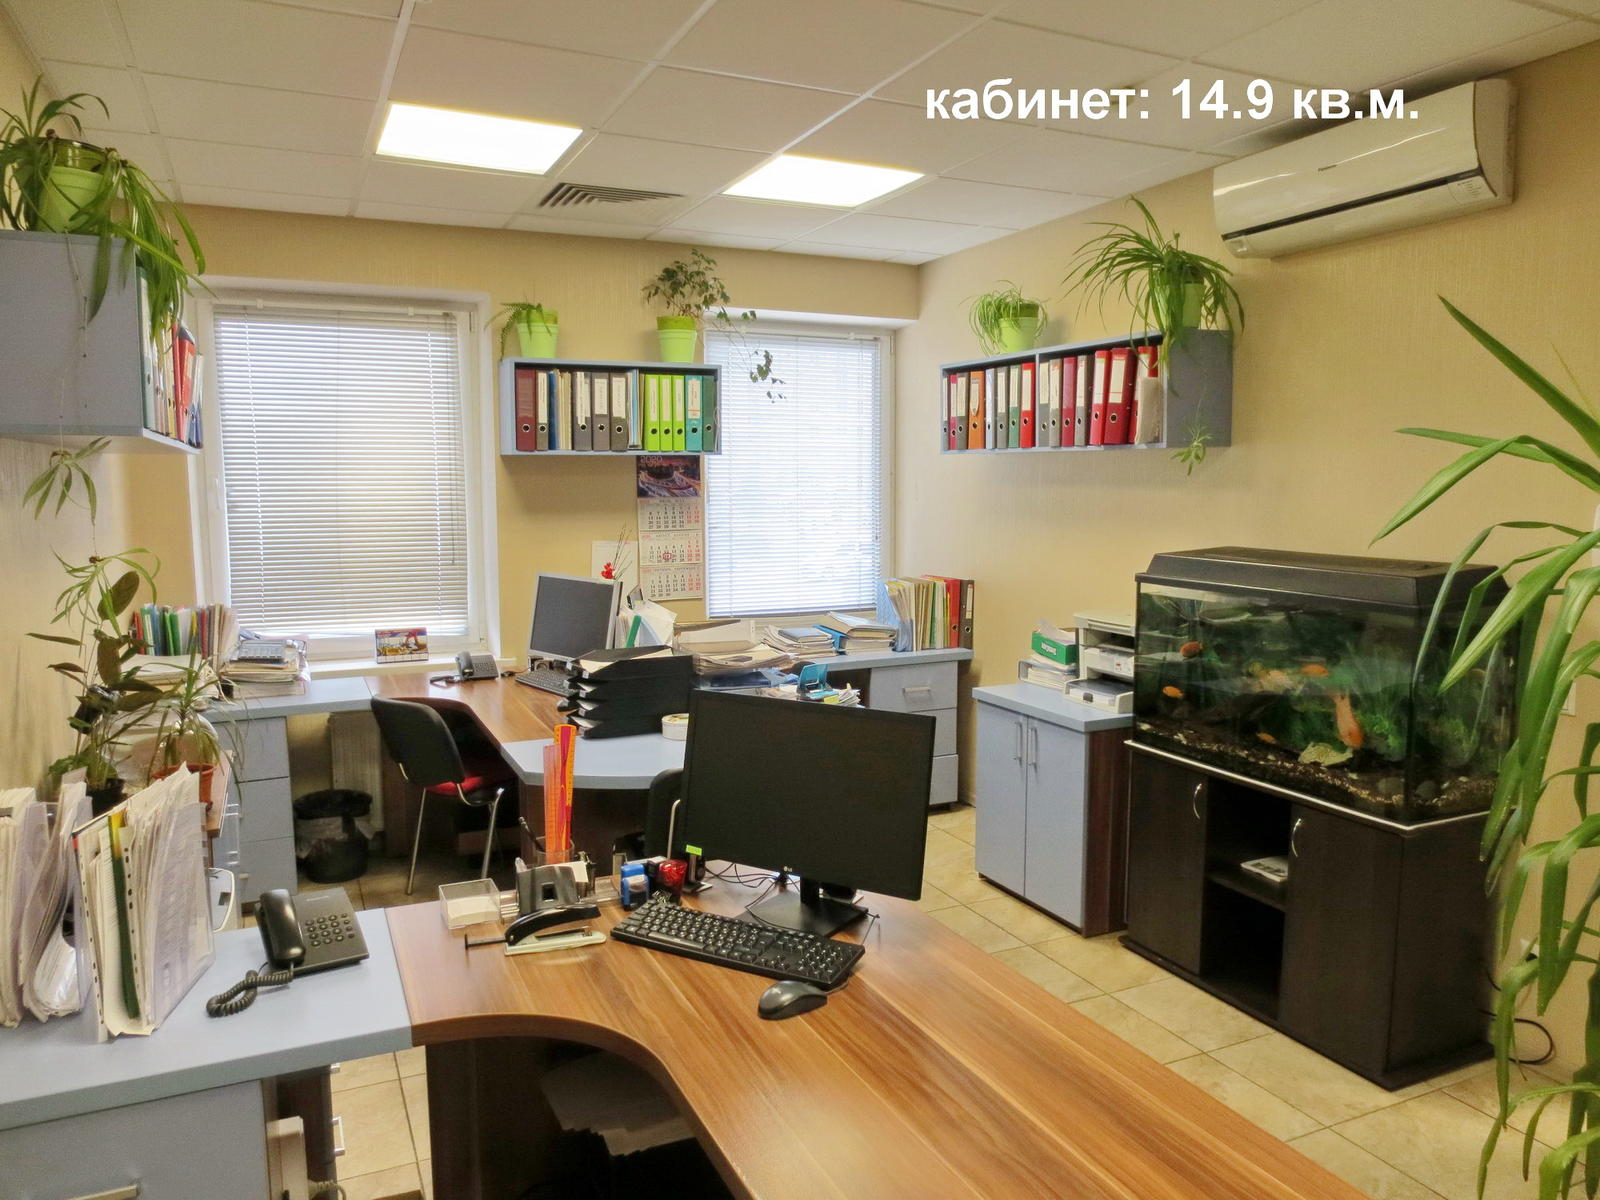 Продажа торгового помещения на ул. Одоевского, д. 115/А в Минске - фото 5